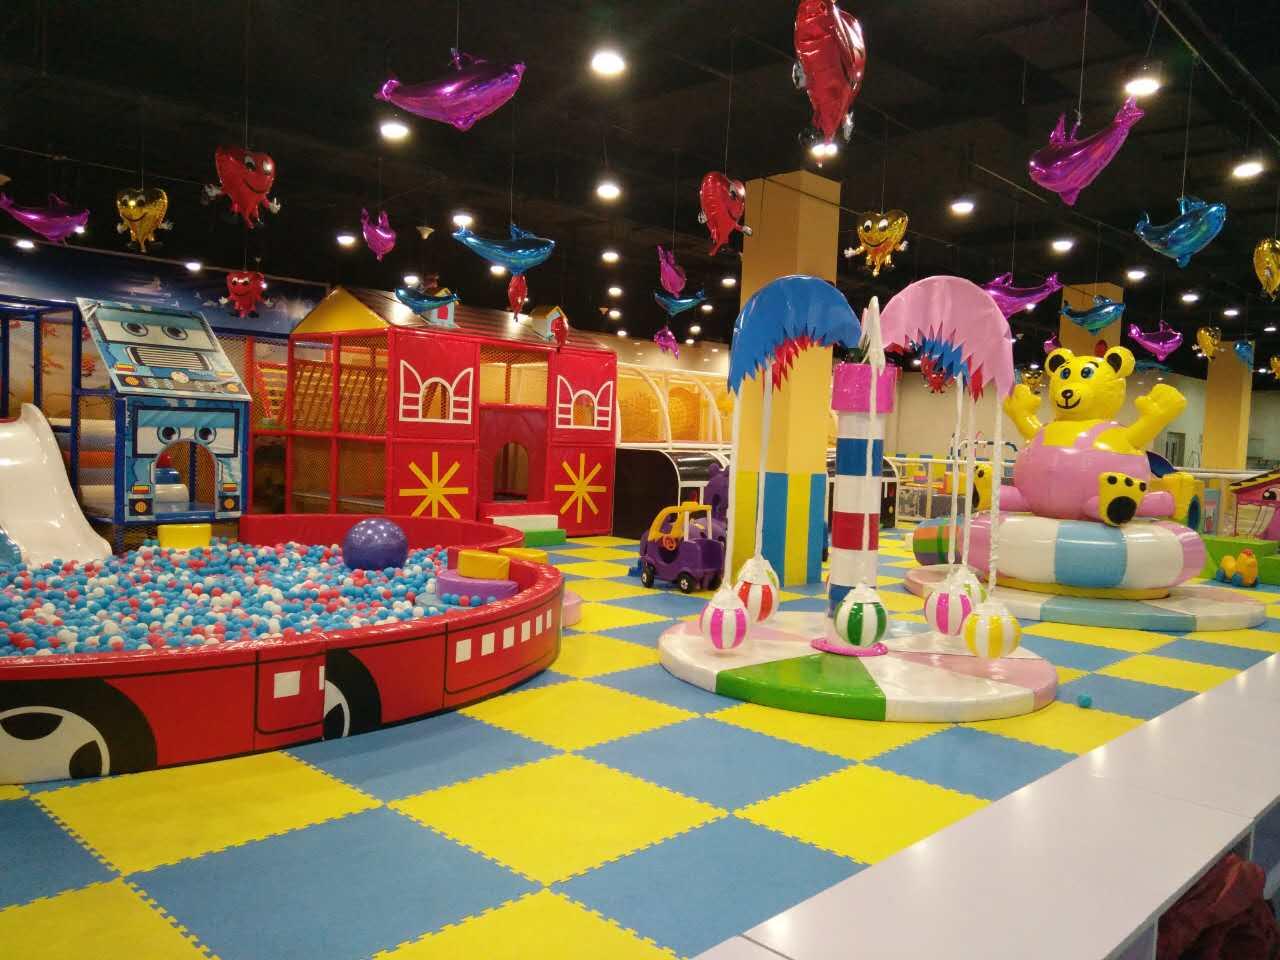 影响儿童乐园盈利的因素有哪些?